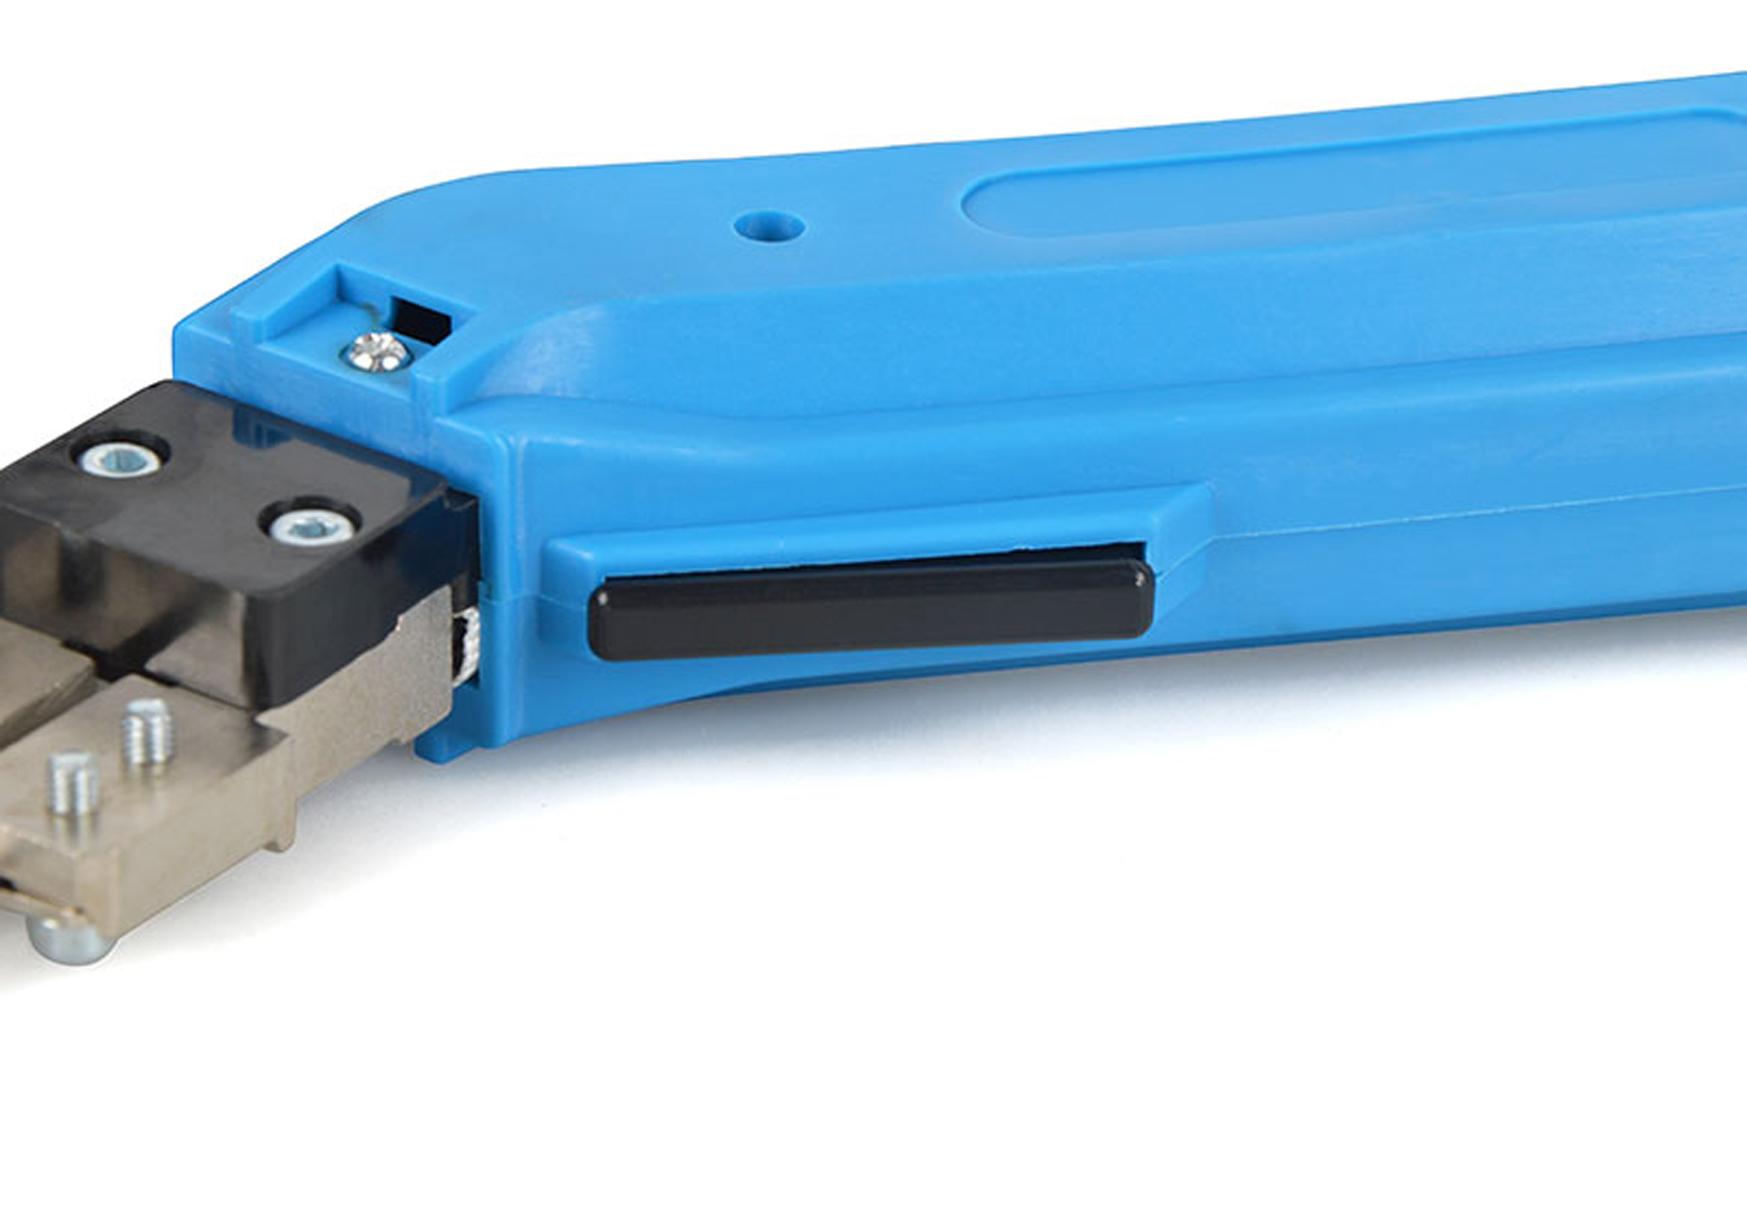 Hot Cutter Knife Heavy Duty Industry Electric Foam Cutter - Buy Foam ...